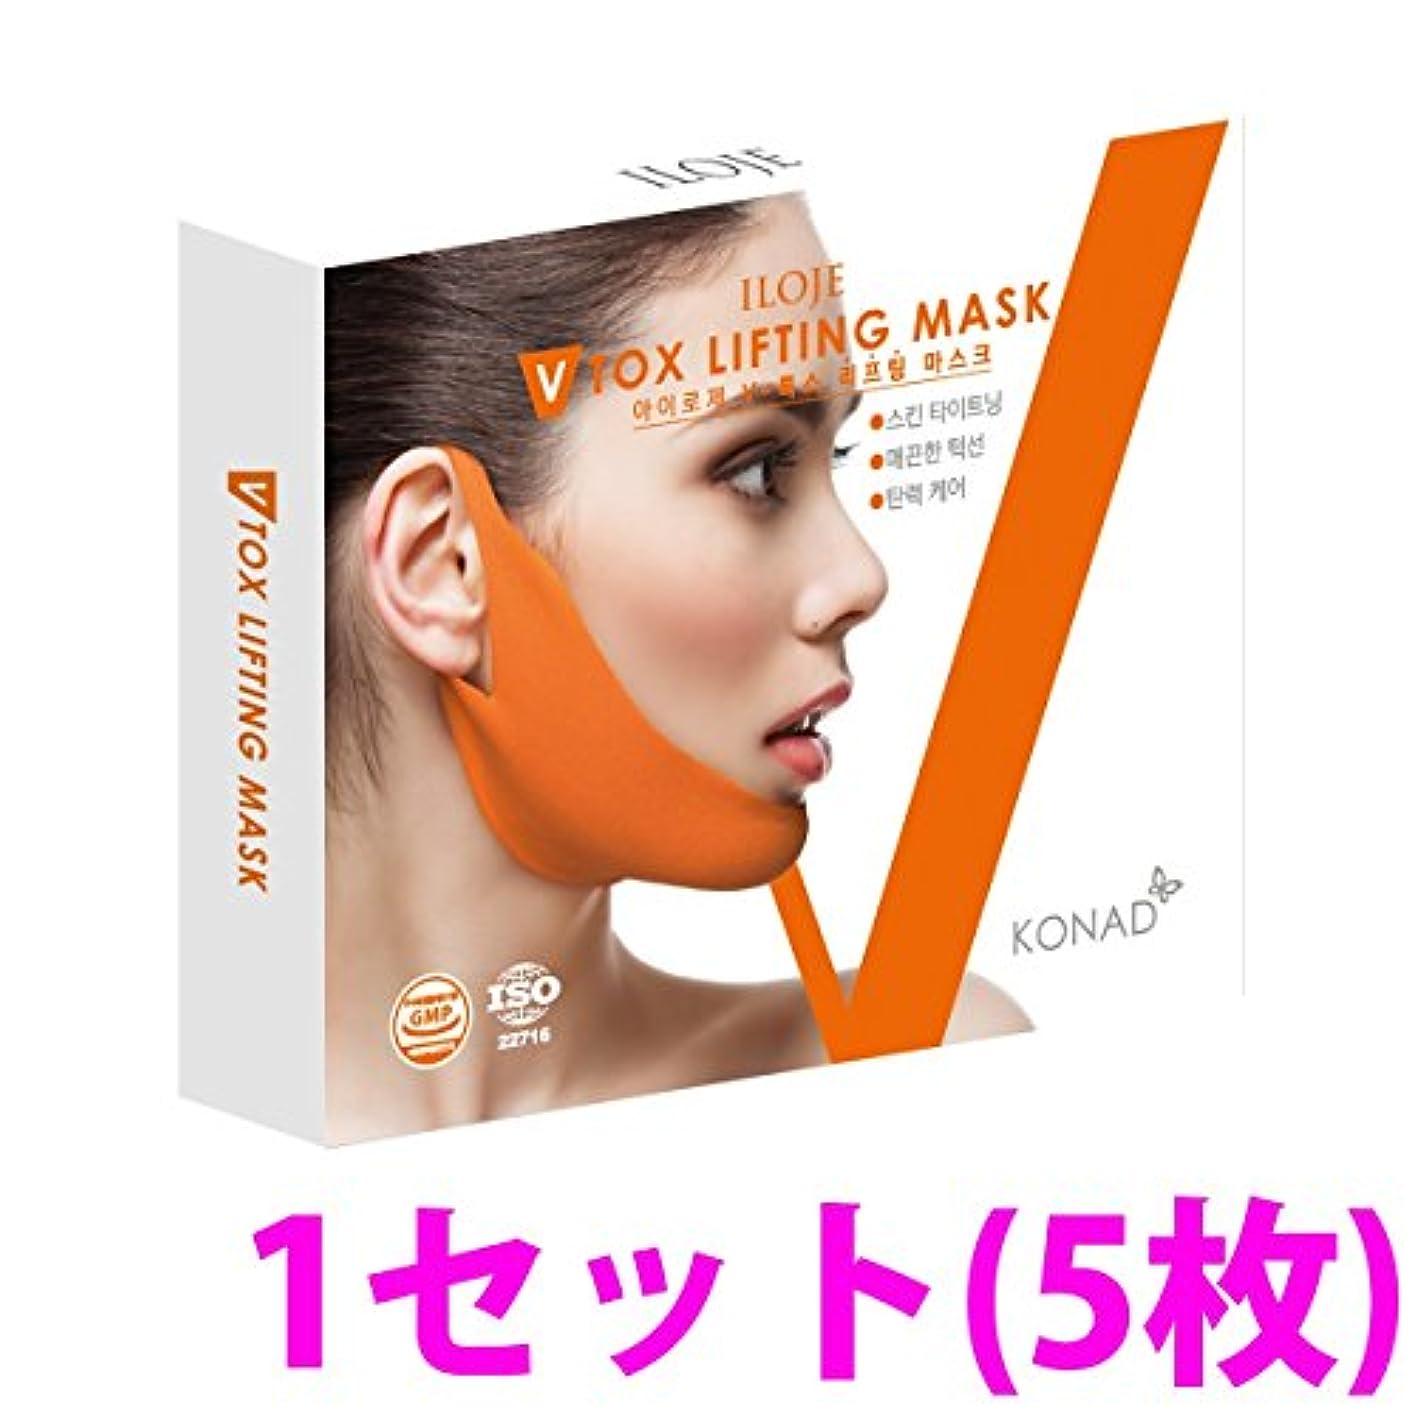 キウイ少なくとも濃度女性の年齢は顎の輪郭で決まる!V-TOXリフティングマスクパック 1セット(5枚)